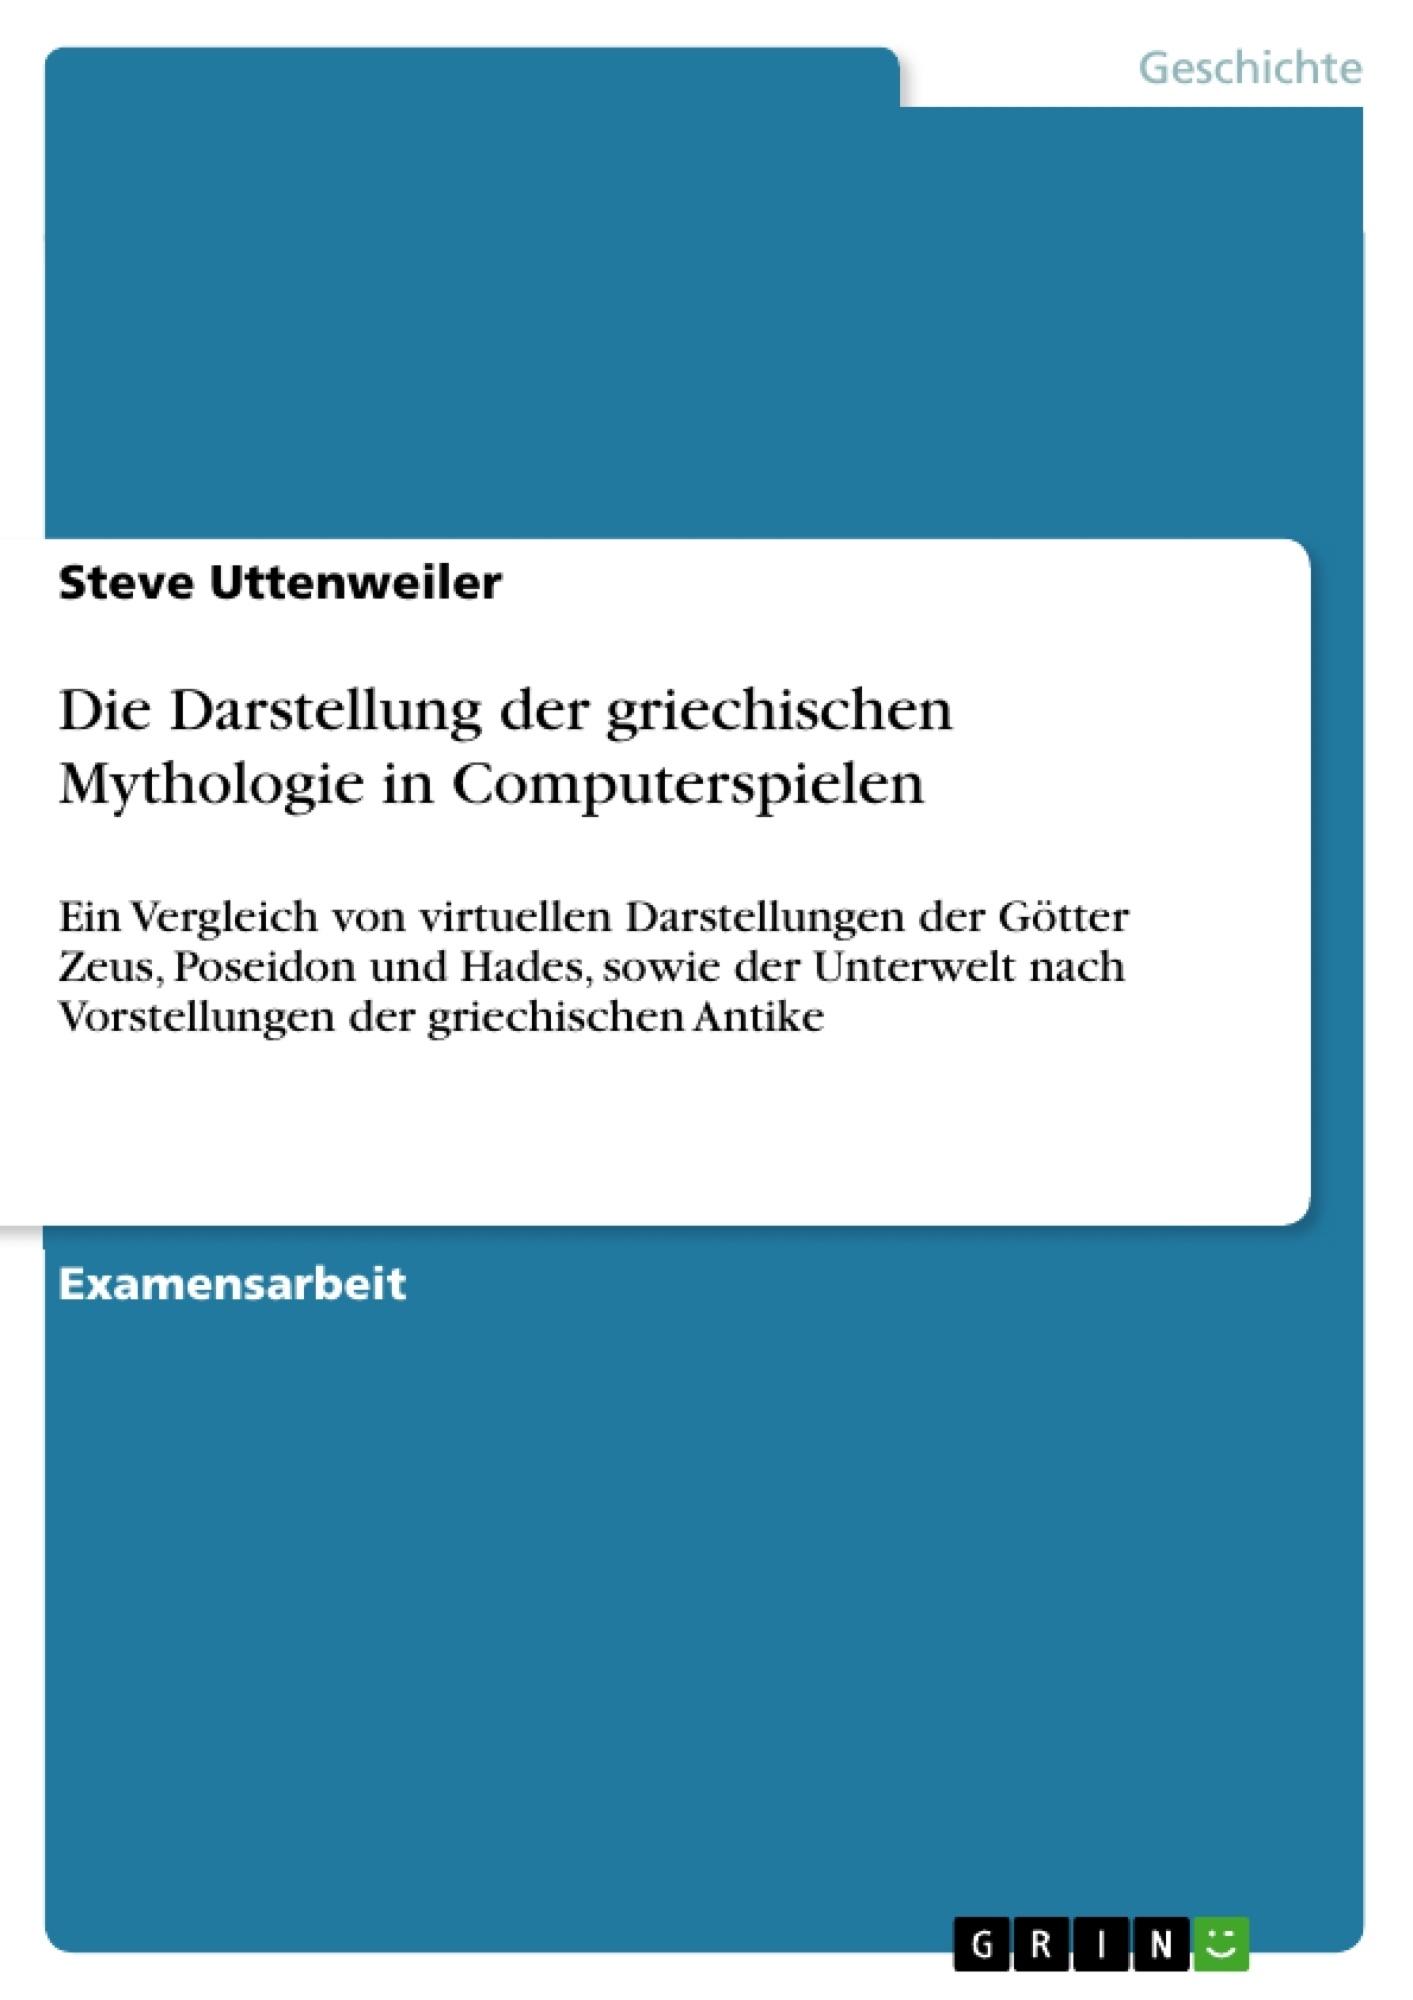 Titel: Die Darstellung der griechischen Mythologie in Computerspielen